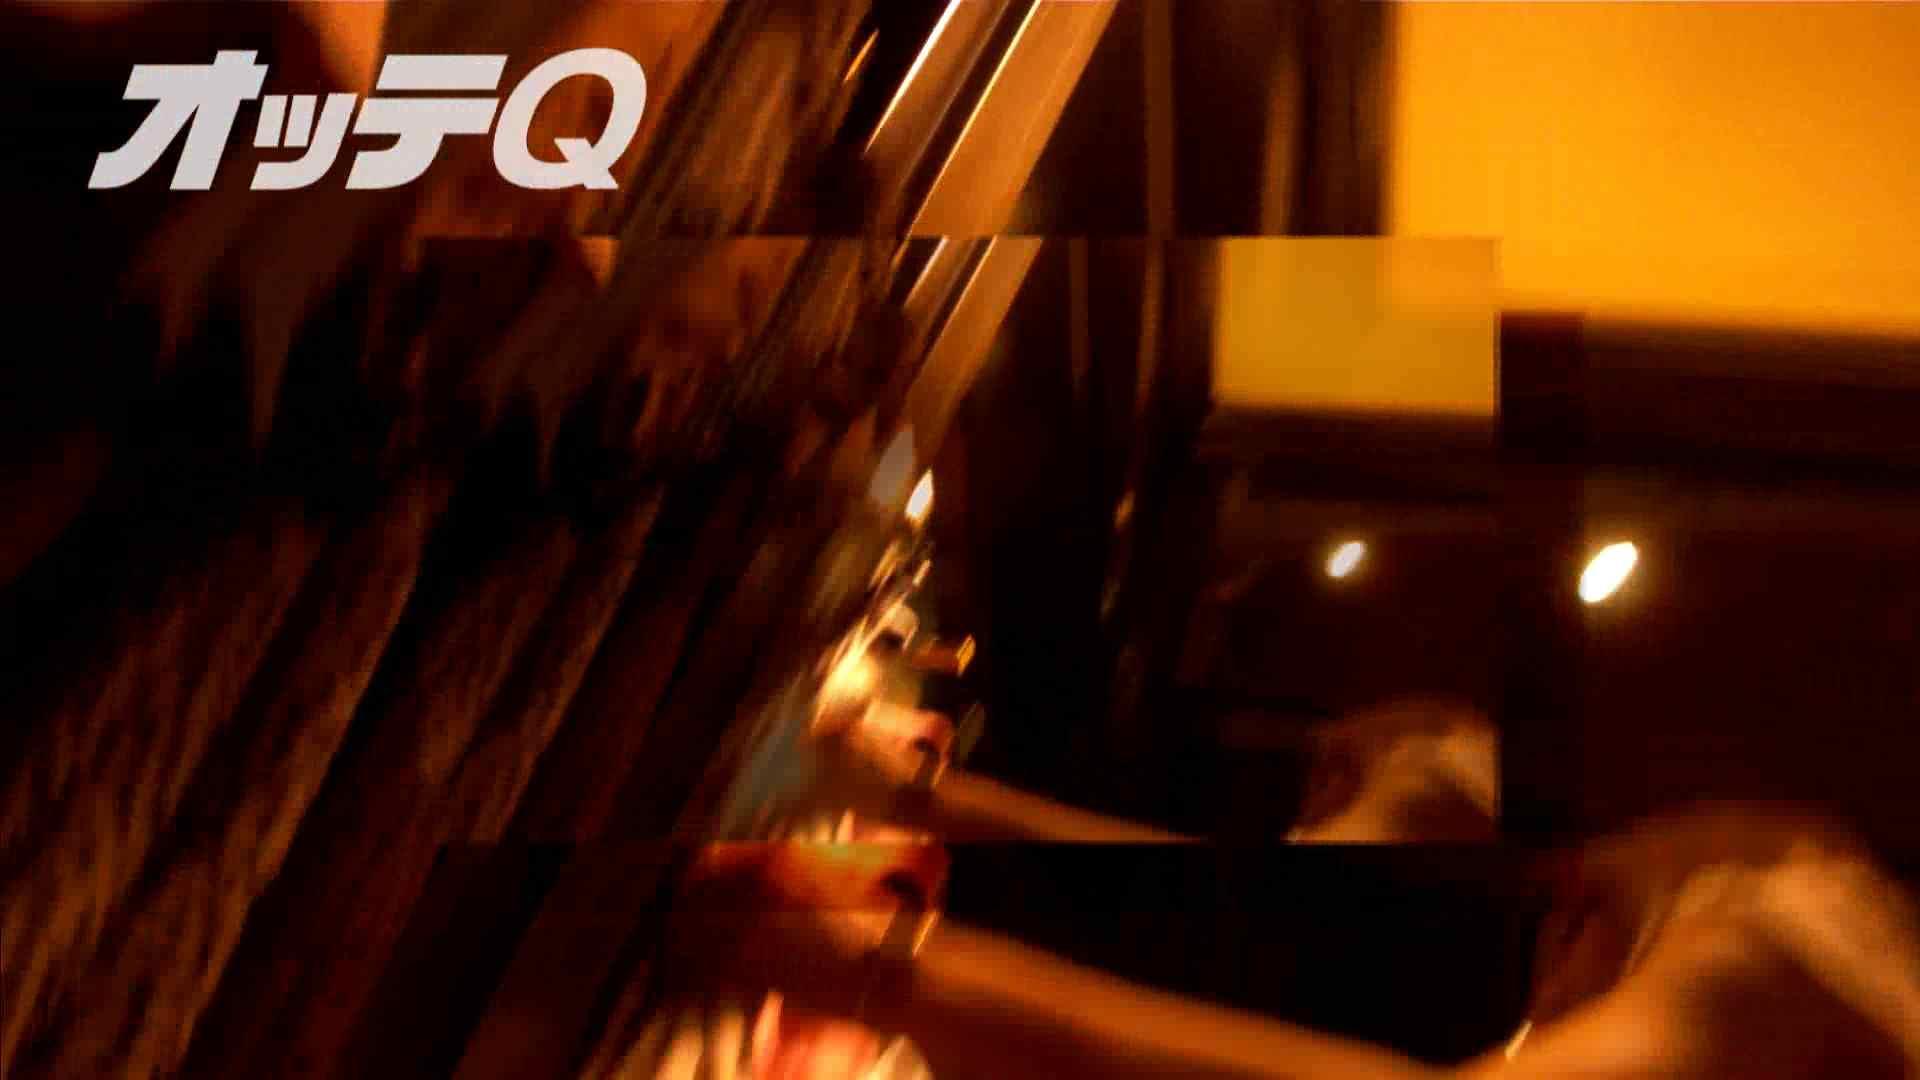 ハイビジョンパンチラ オッテQさんの追跡パンチラデパート編VOL.03 OLヌード天国 | パンチラ  74PIX 31